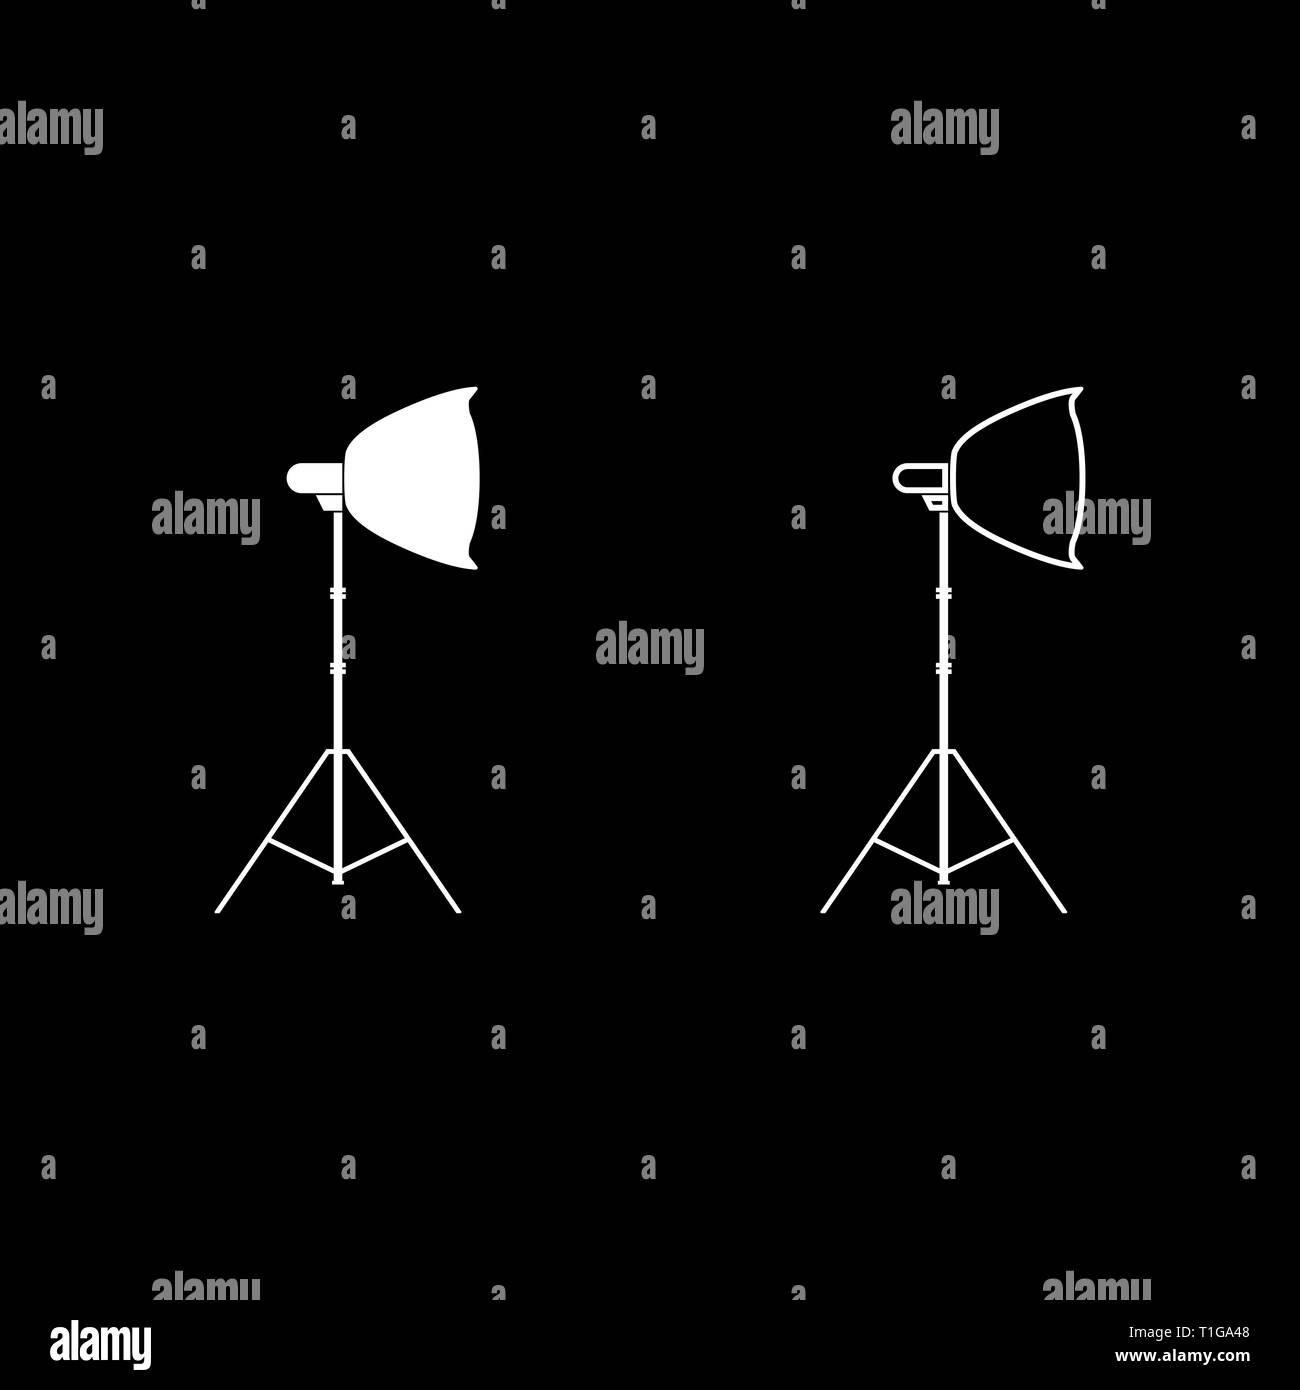 Pleins feux sur trépied projecteur de lumière Softbox sur trépied trépied du matériel léger pour la photographie professionnelle Theatre light icon set vecteur de couleur blanche Illustration de Vecteur